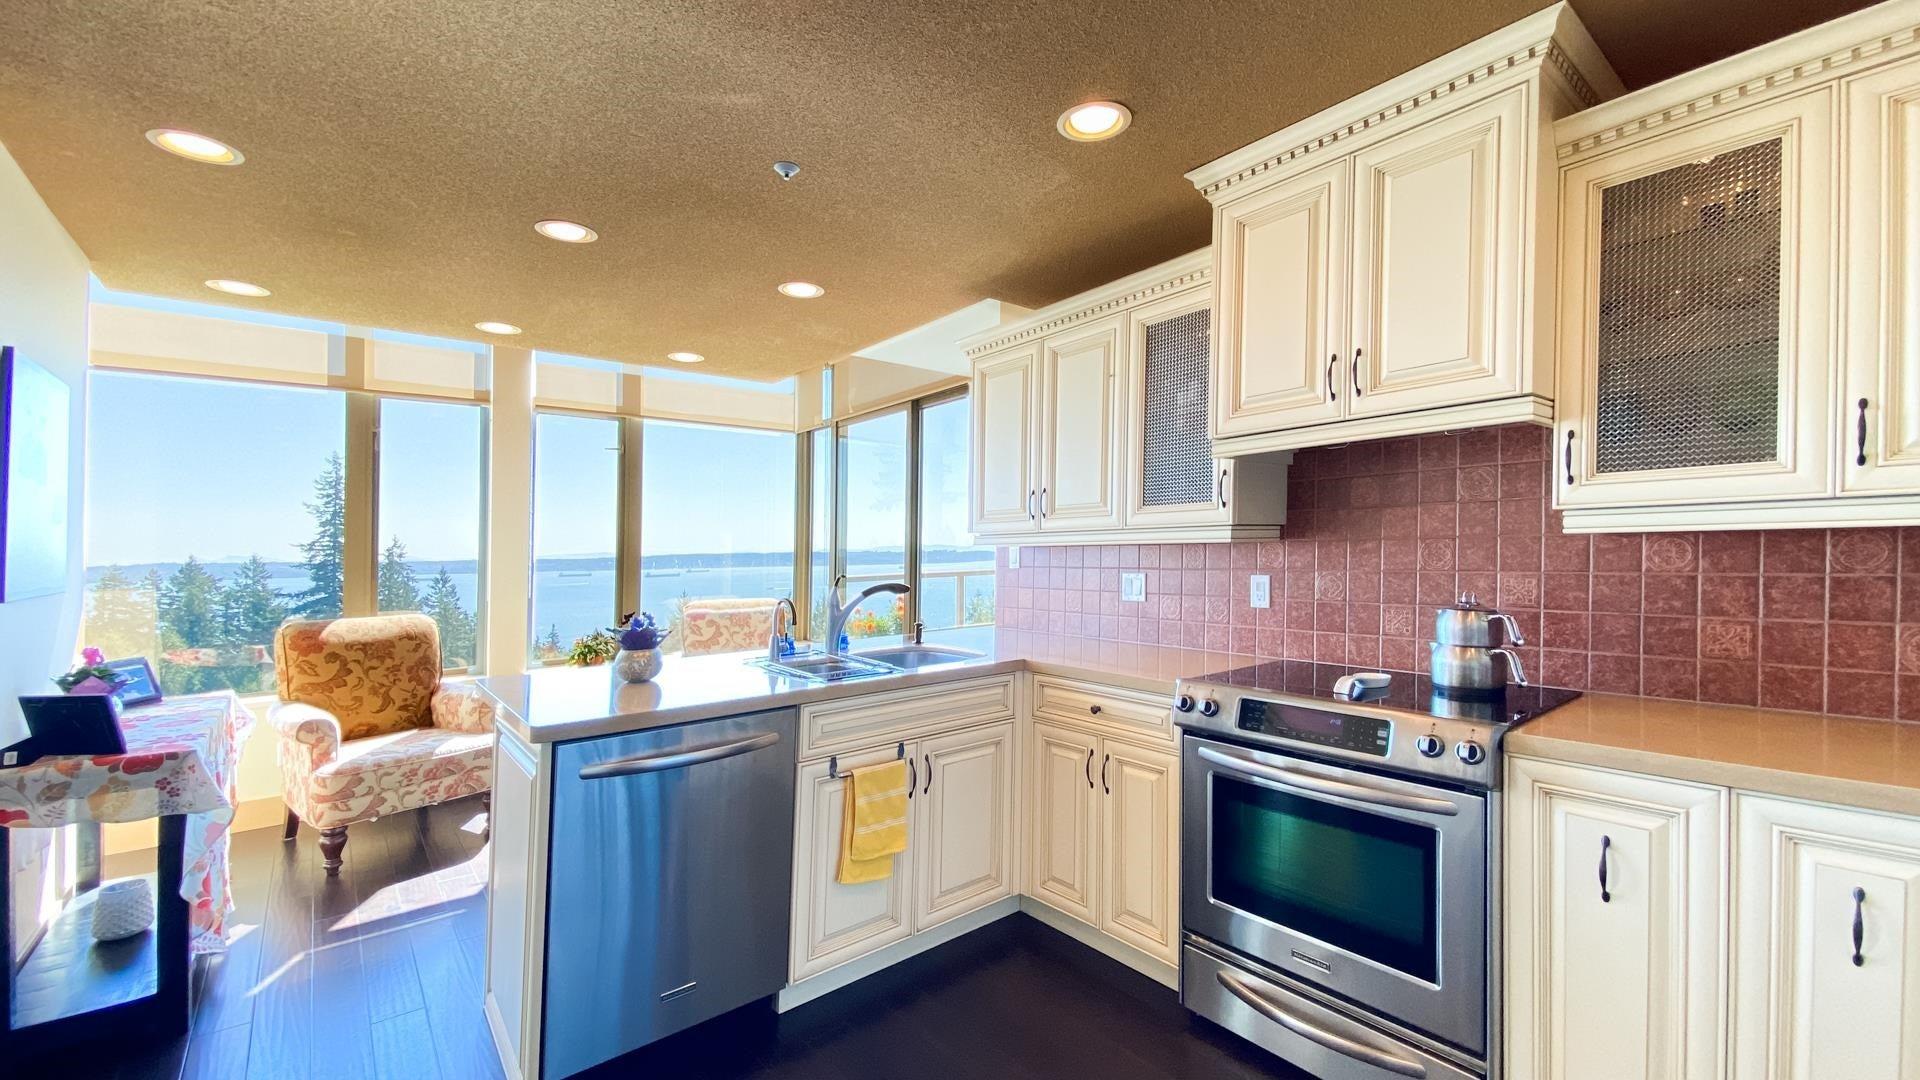 301 3131 DEER RIDGE DRIVE - Deer Ridge WV Apartment/Condo for sale, 2 Bedrooms (R2615692) - #9